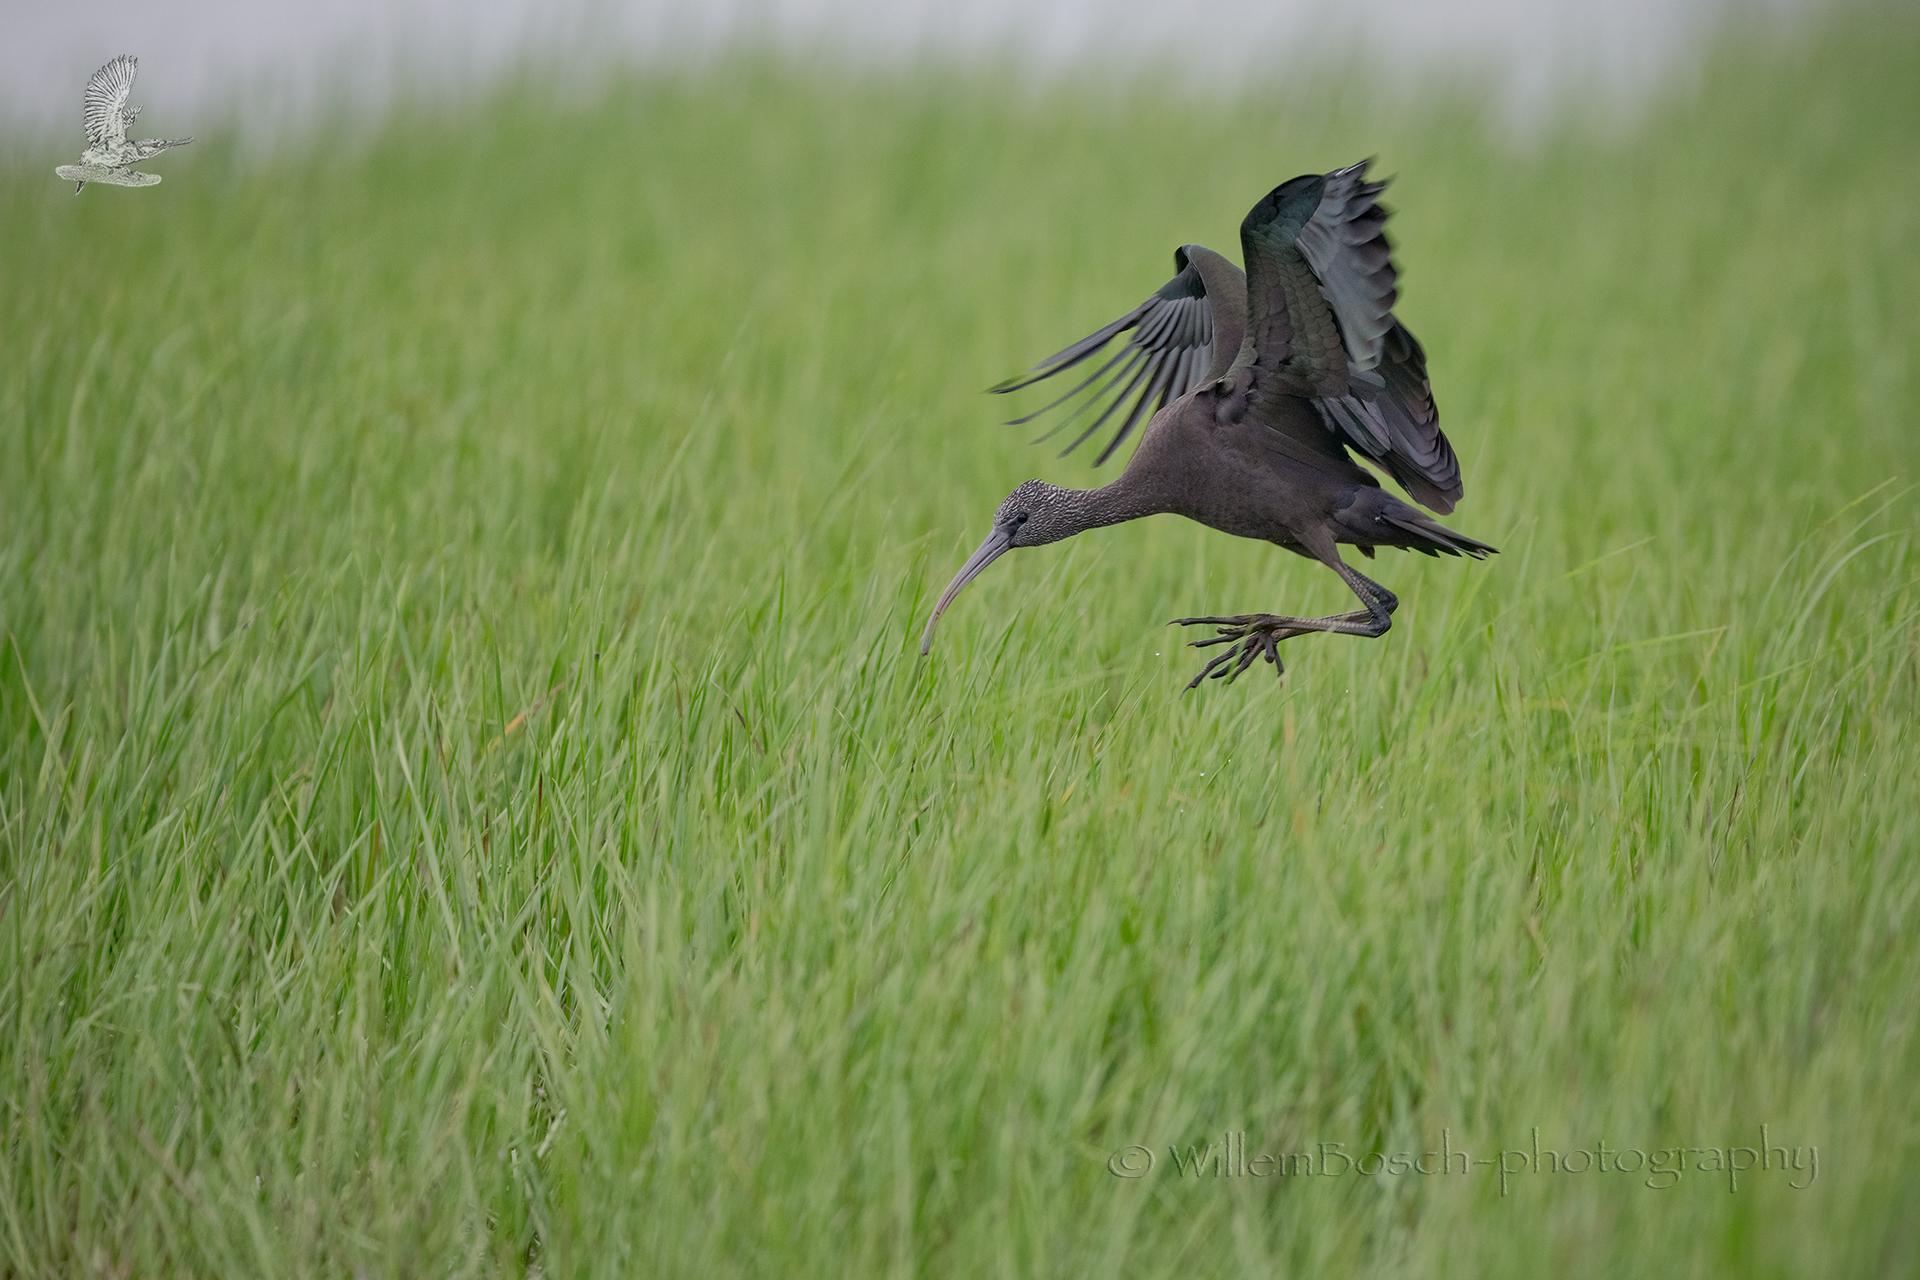 Zwarte-ibis_Plegadis-falcinellus_1920_D854923